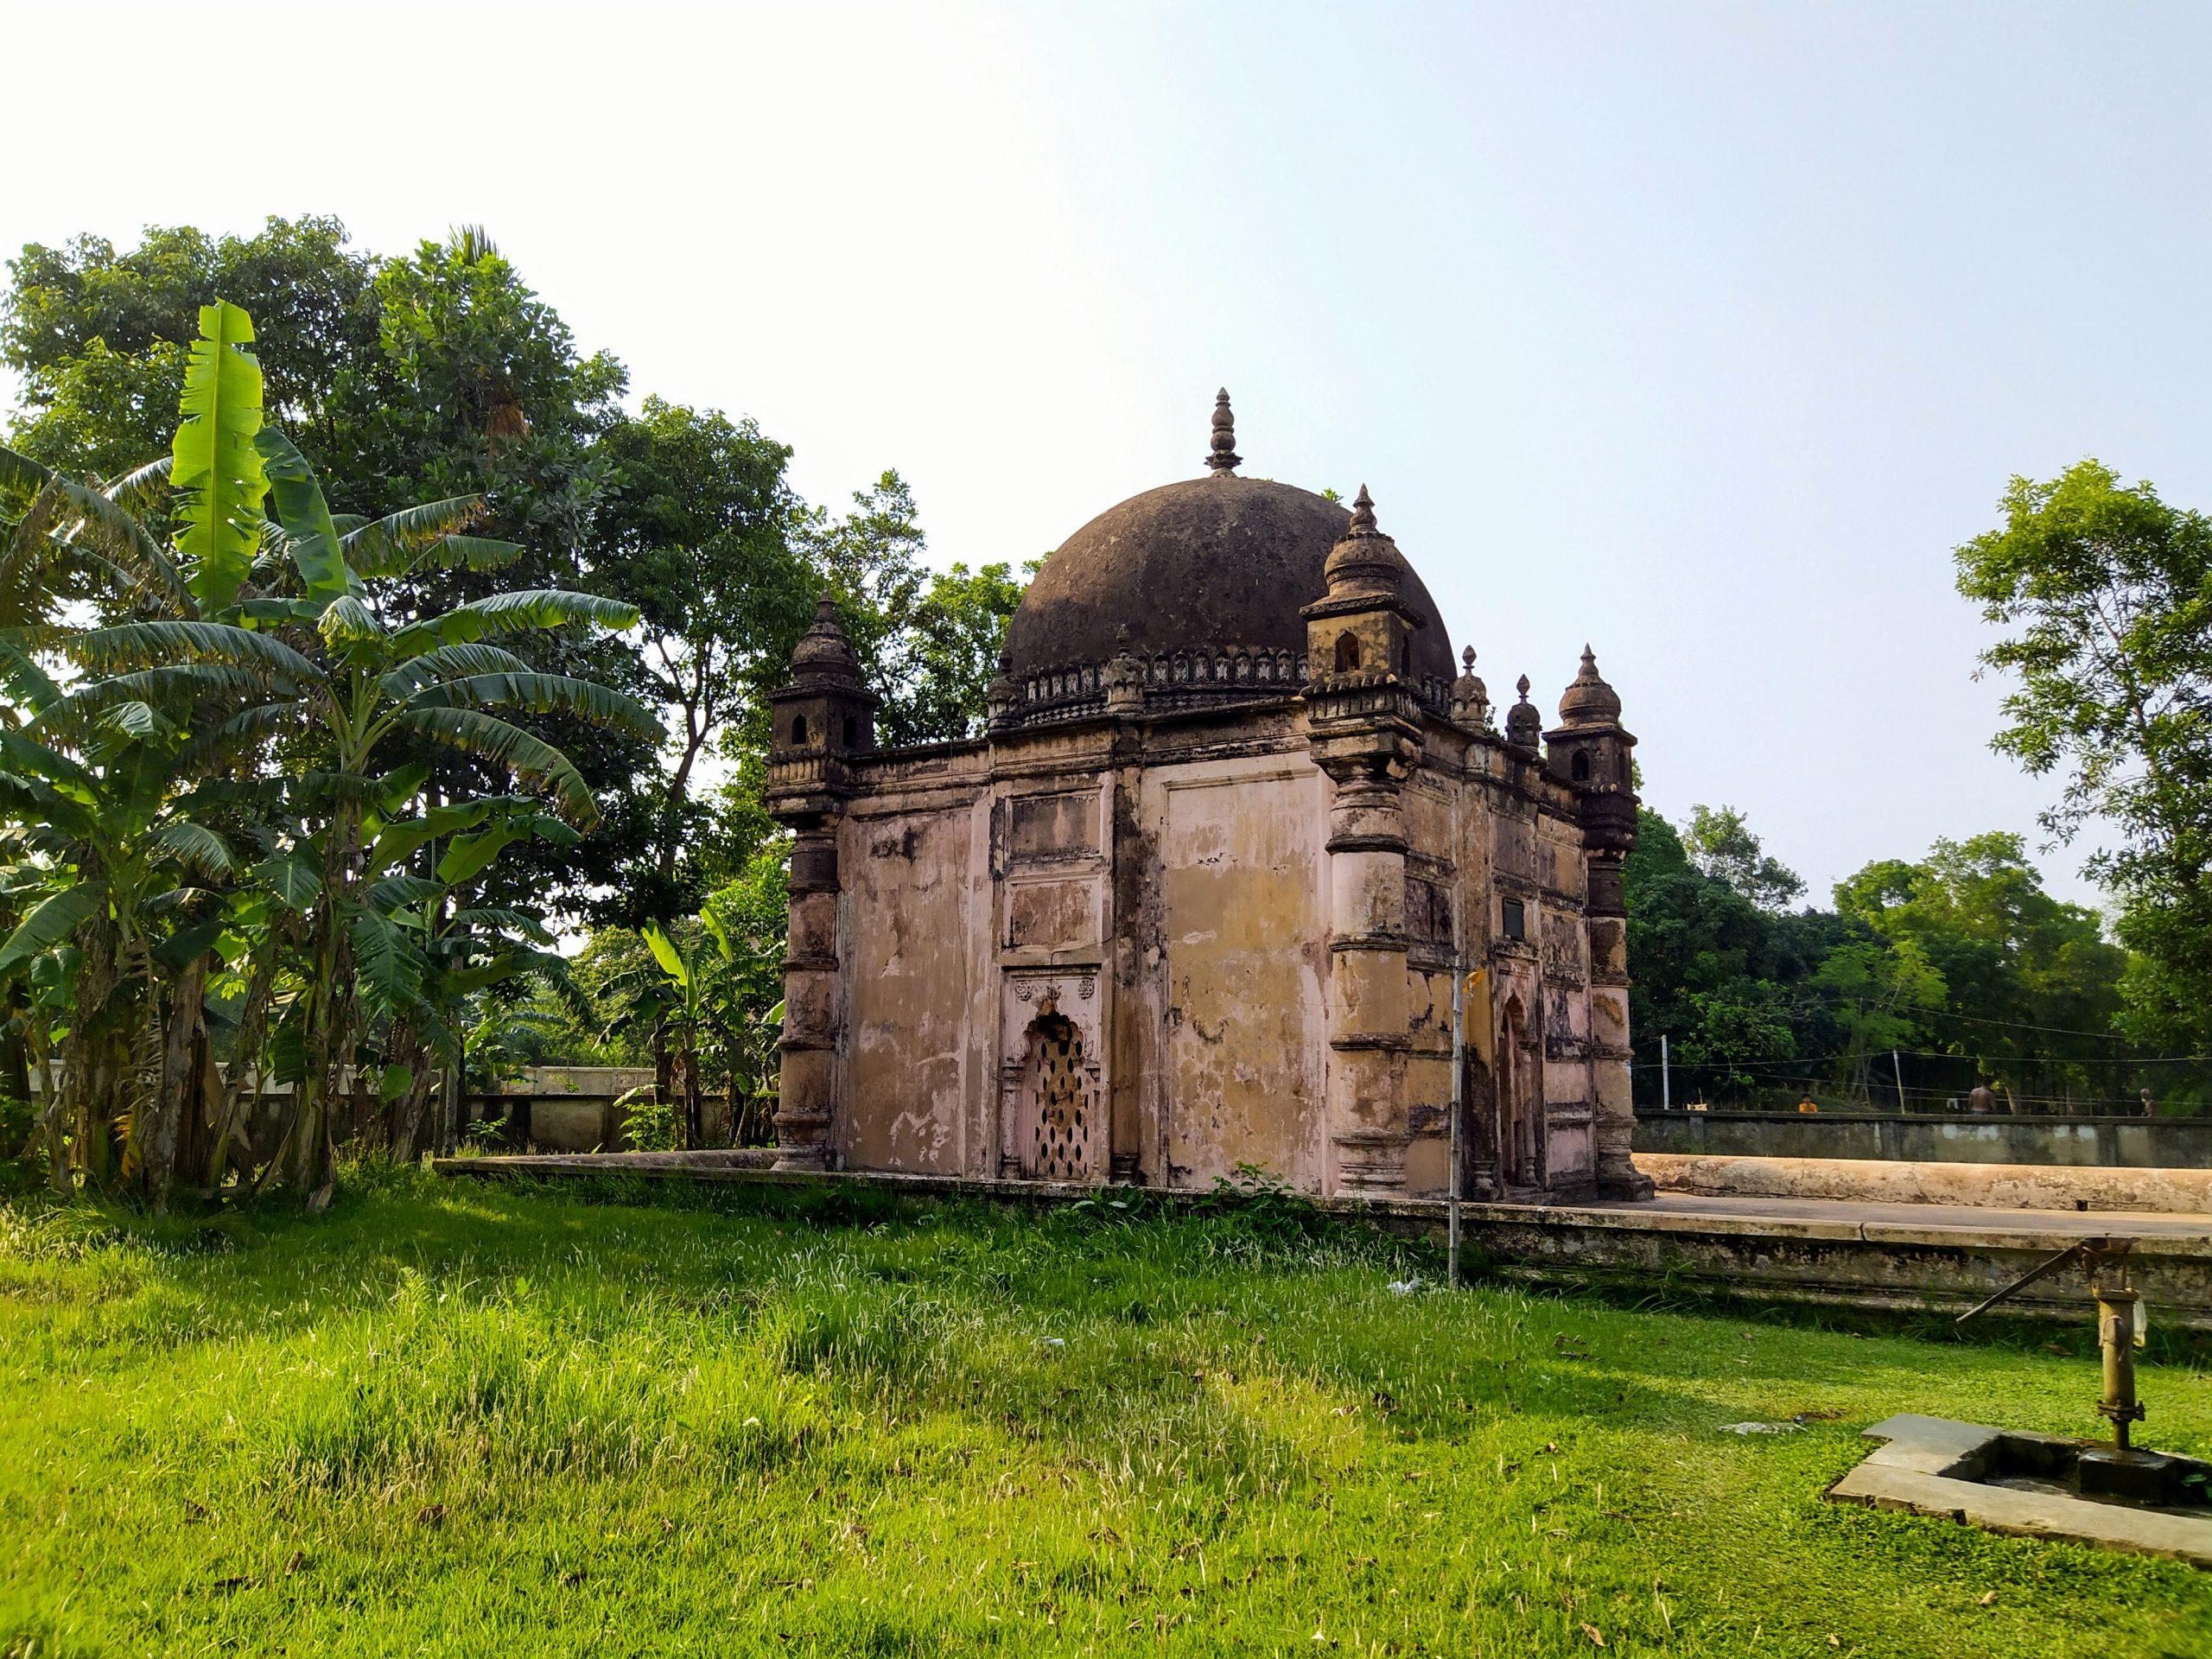 ইতিহাস-ঐতিহ্য: ৬০০ বছরের পুরনো ঘাঘড়া খান বাড়ি মসজিদ